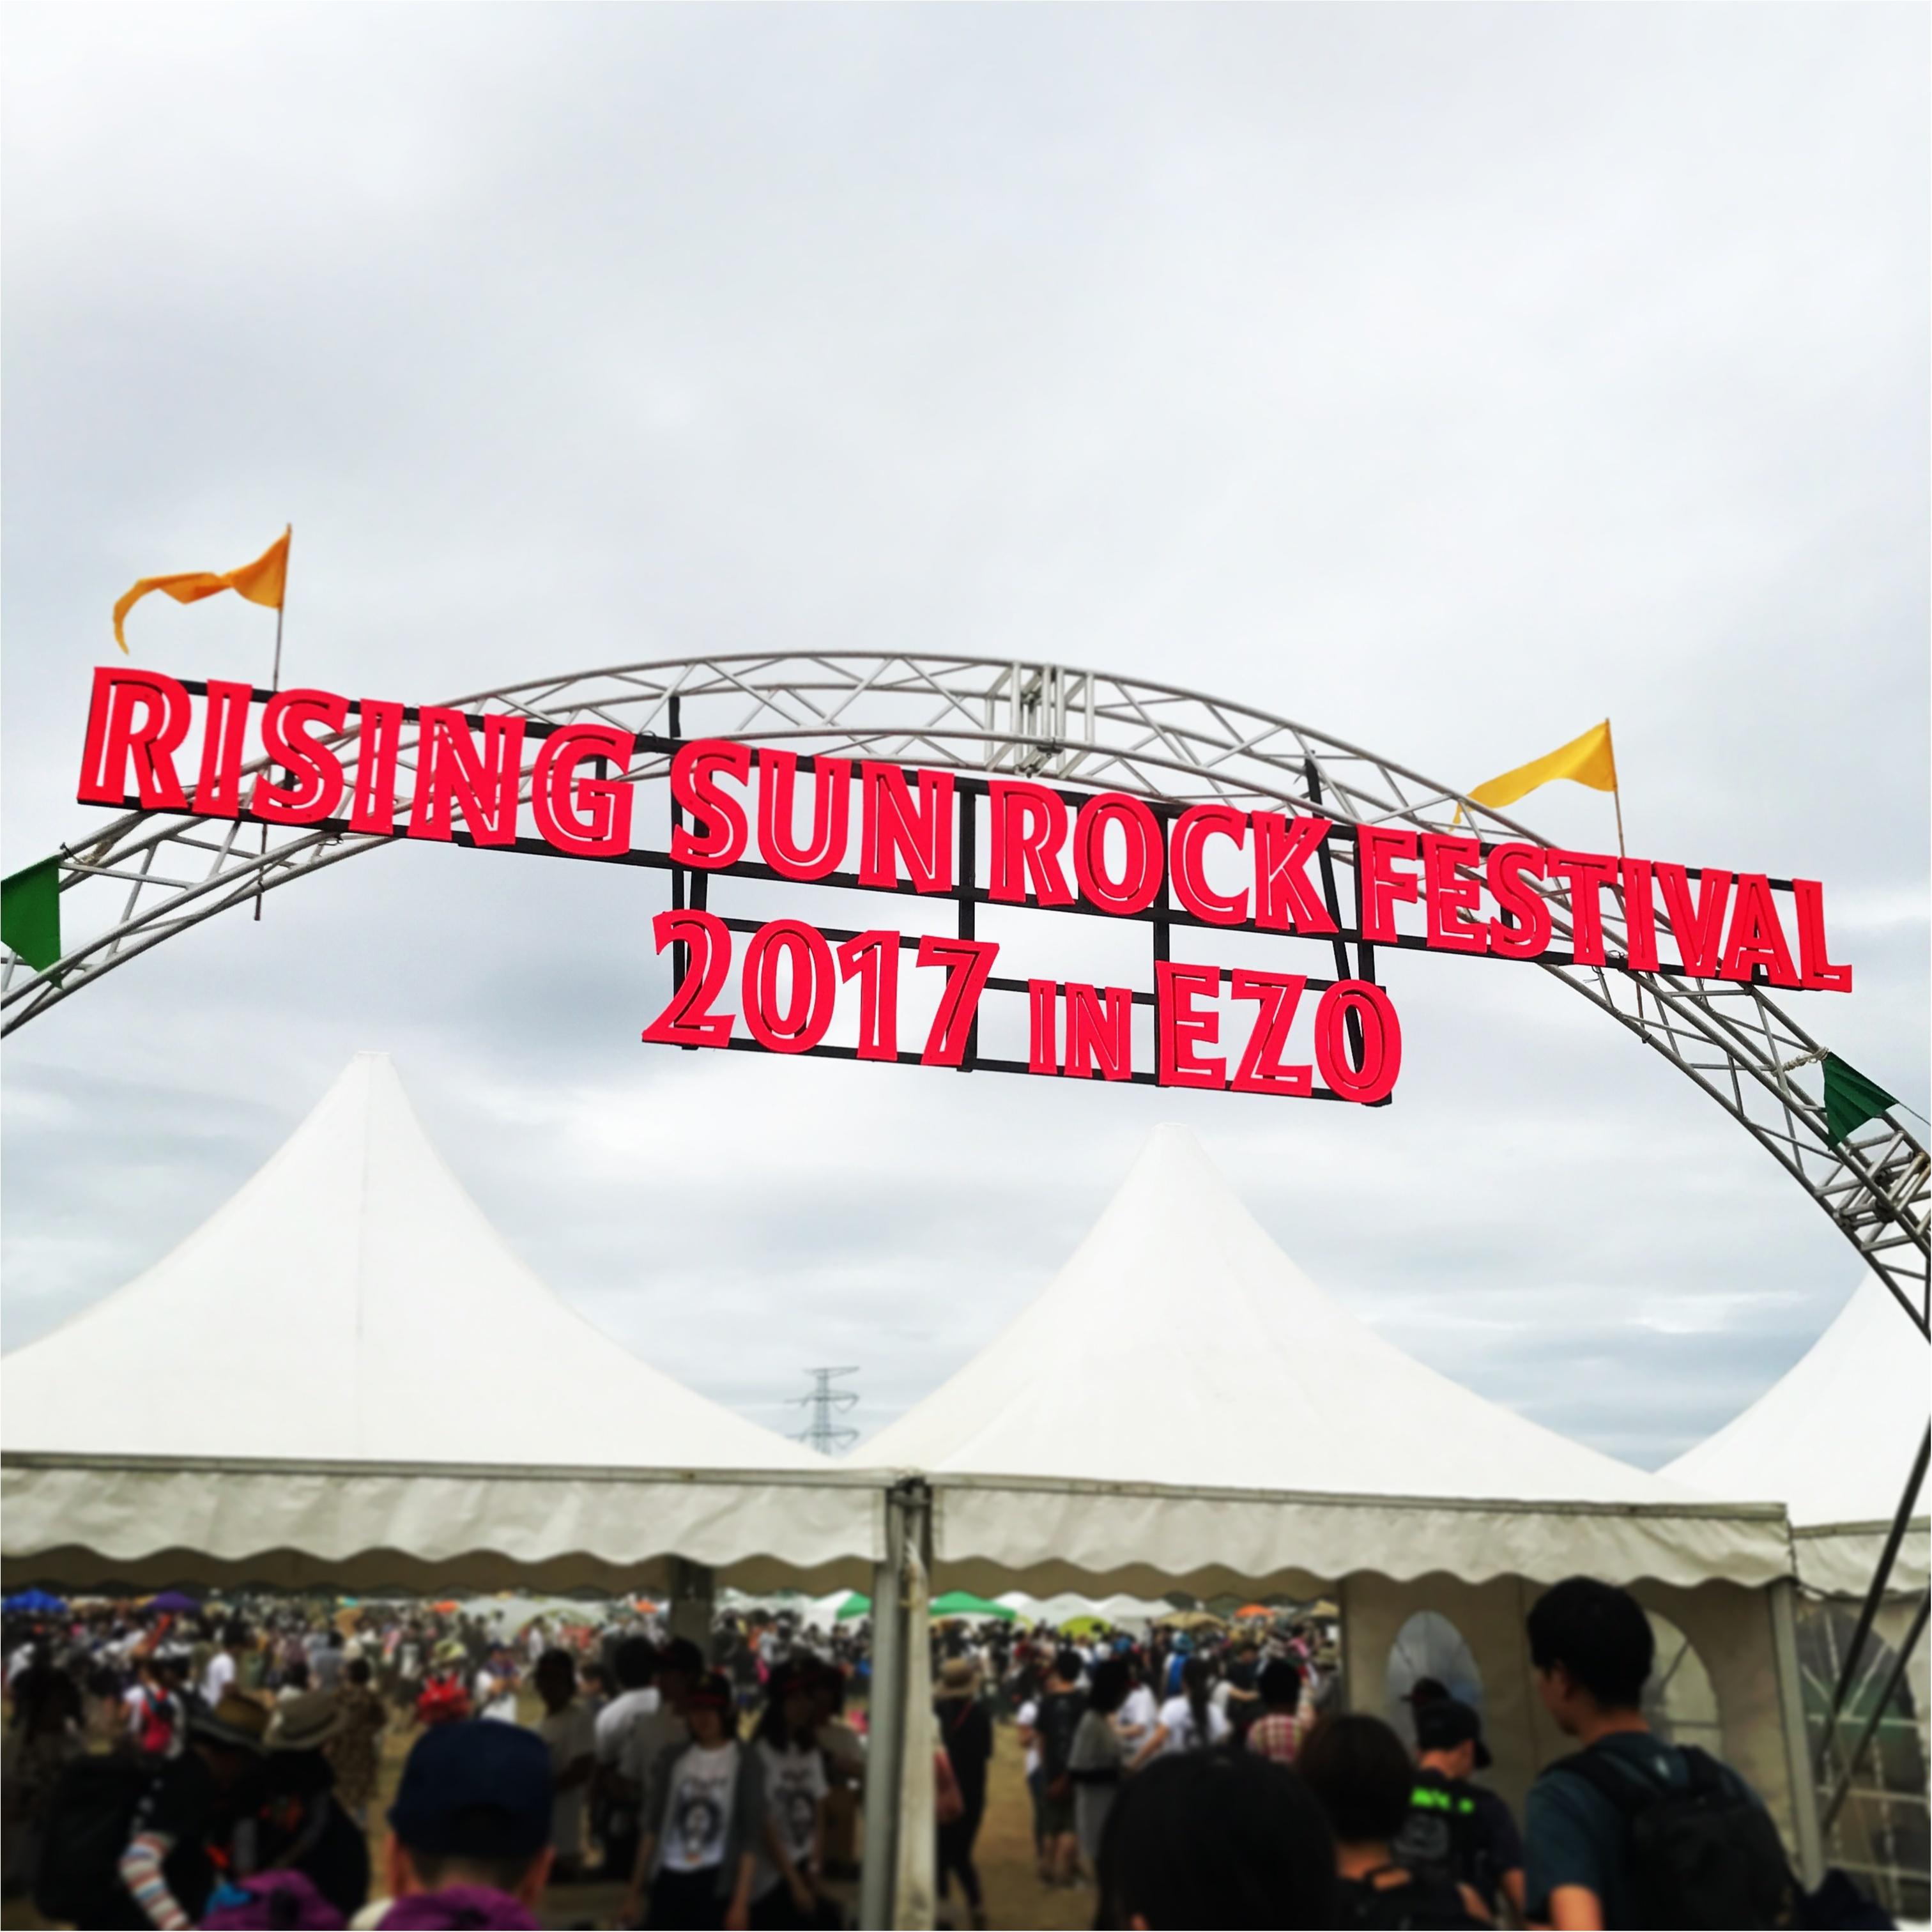 夏だ!FESだ!RISINGSUNROCKFESTIVALだ!まずは1日目、今ブームの締めパフェを体験_6